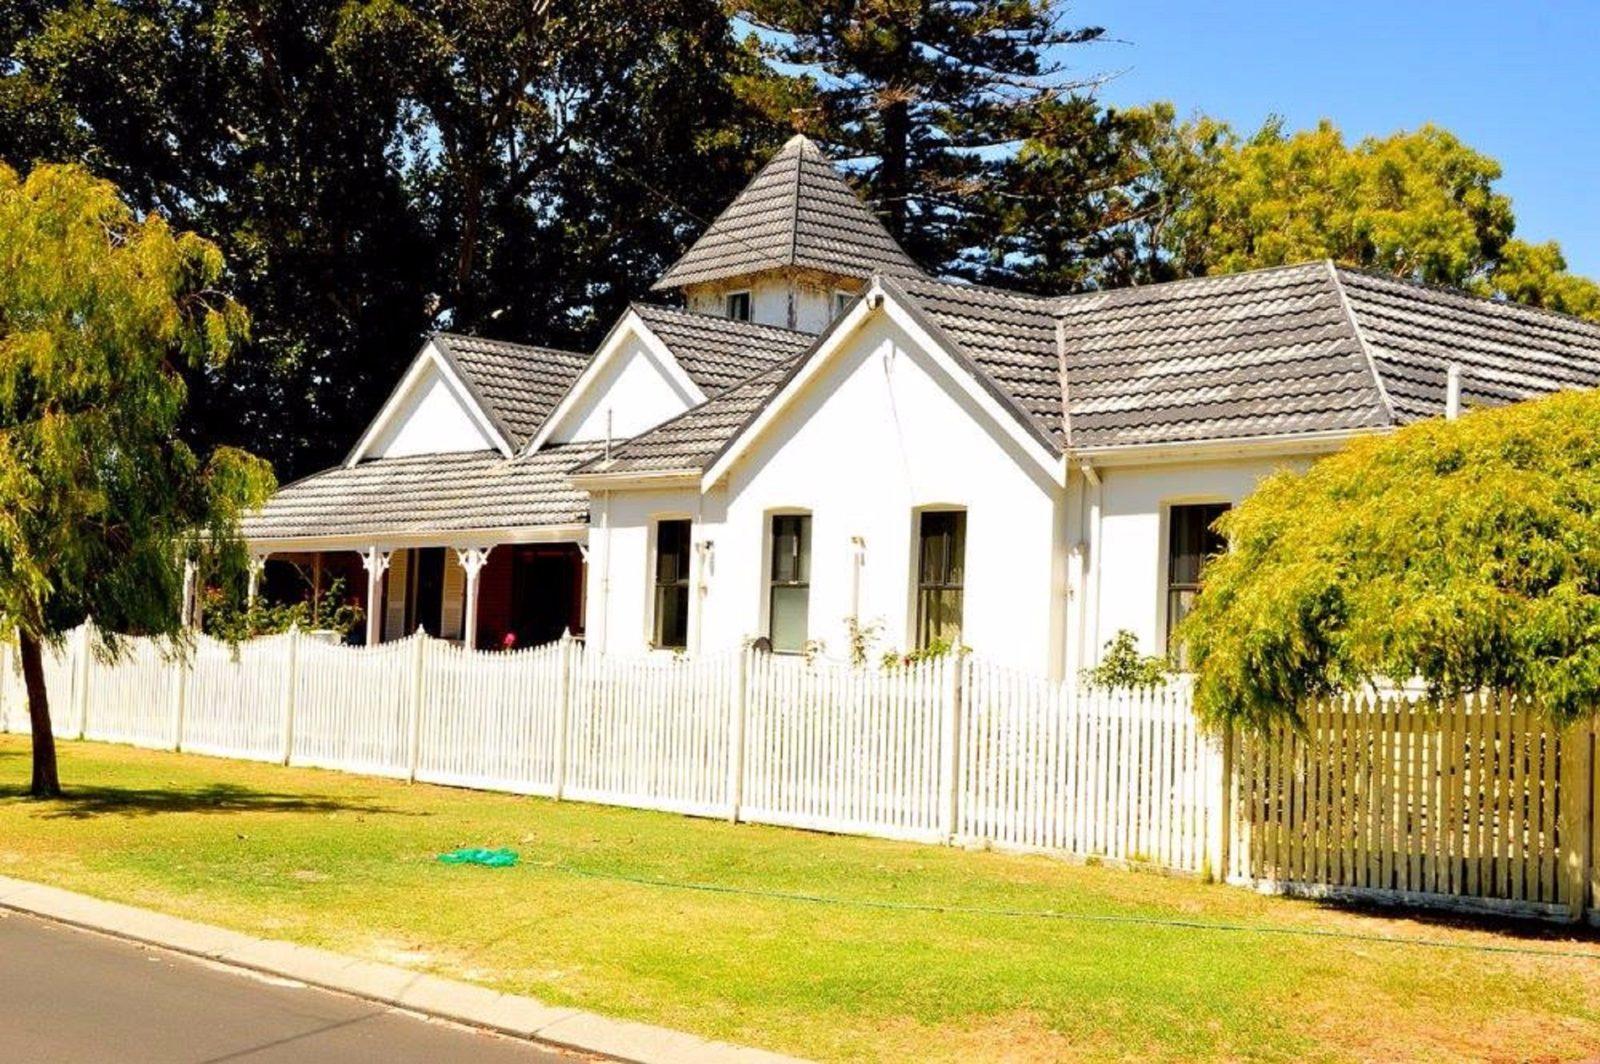 Busselton Bay Motel, Busselton, Western Australia